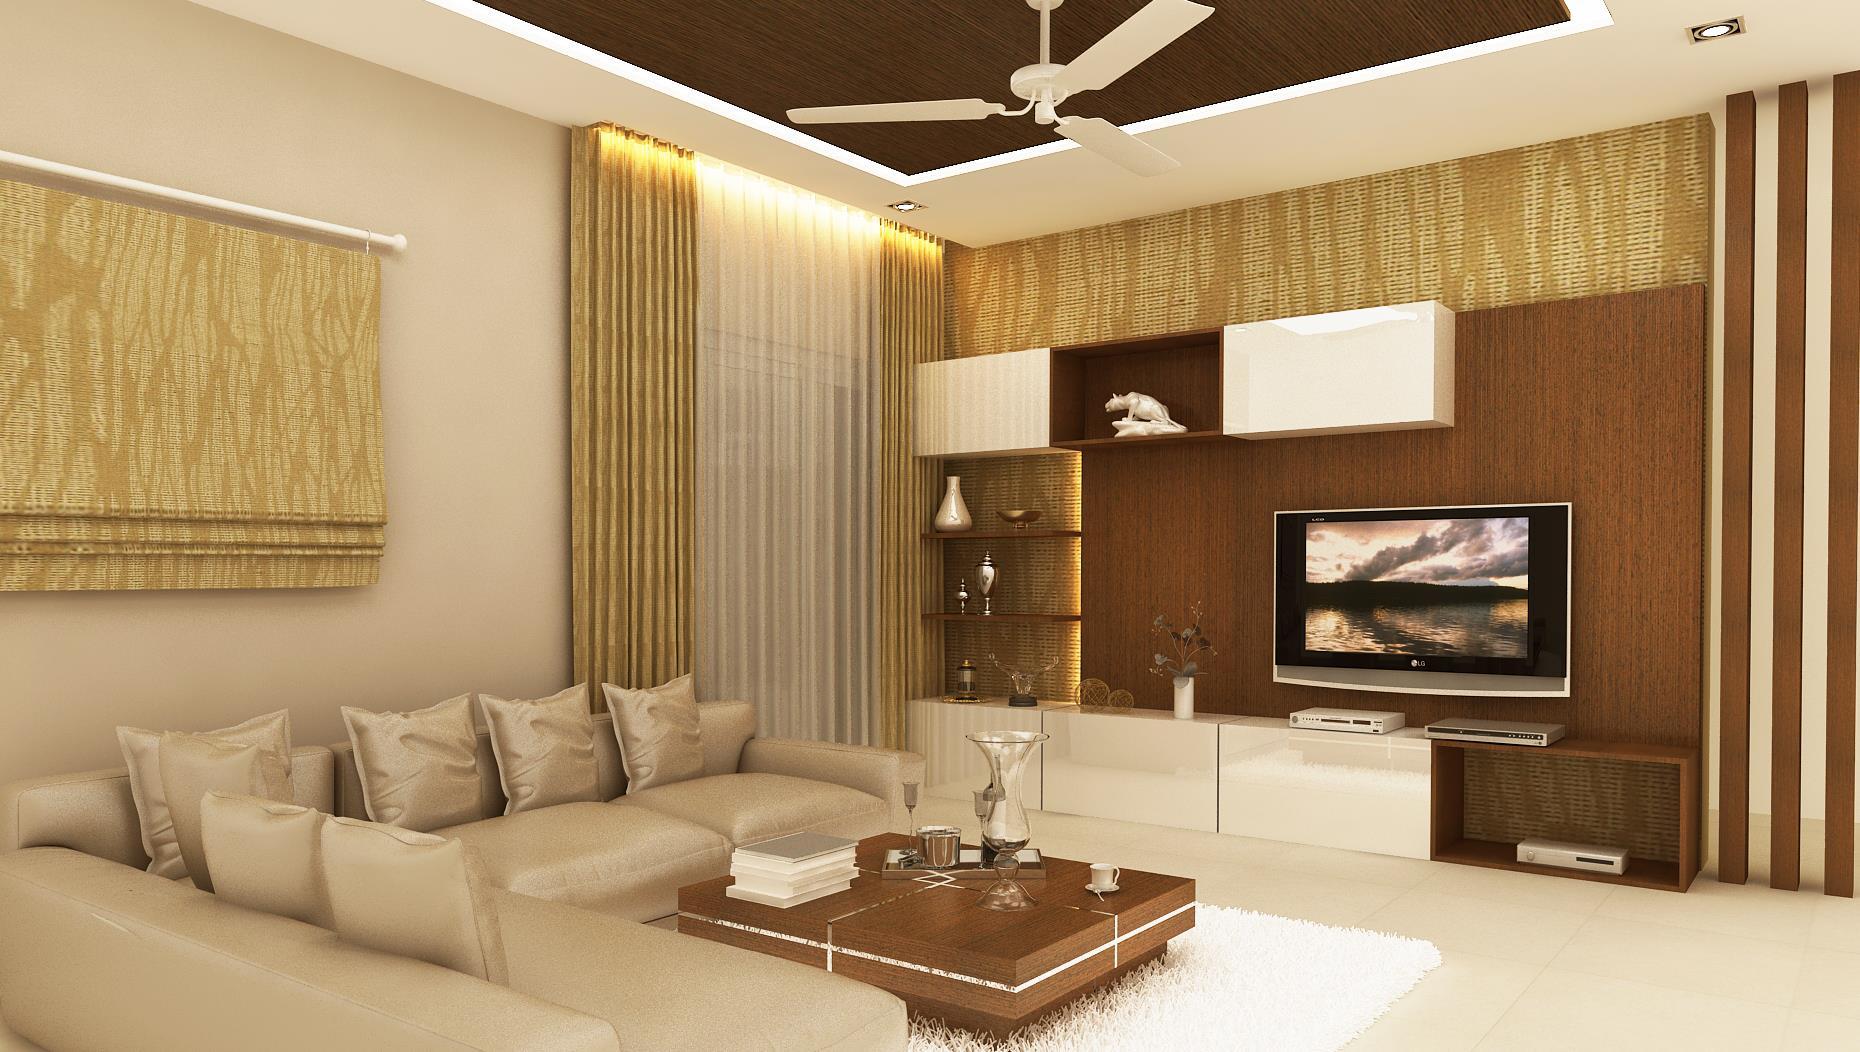 villa living room interior